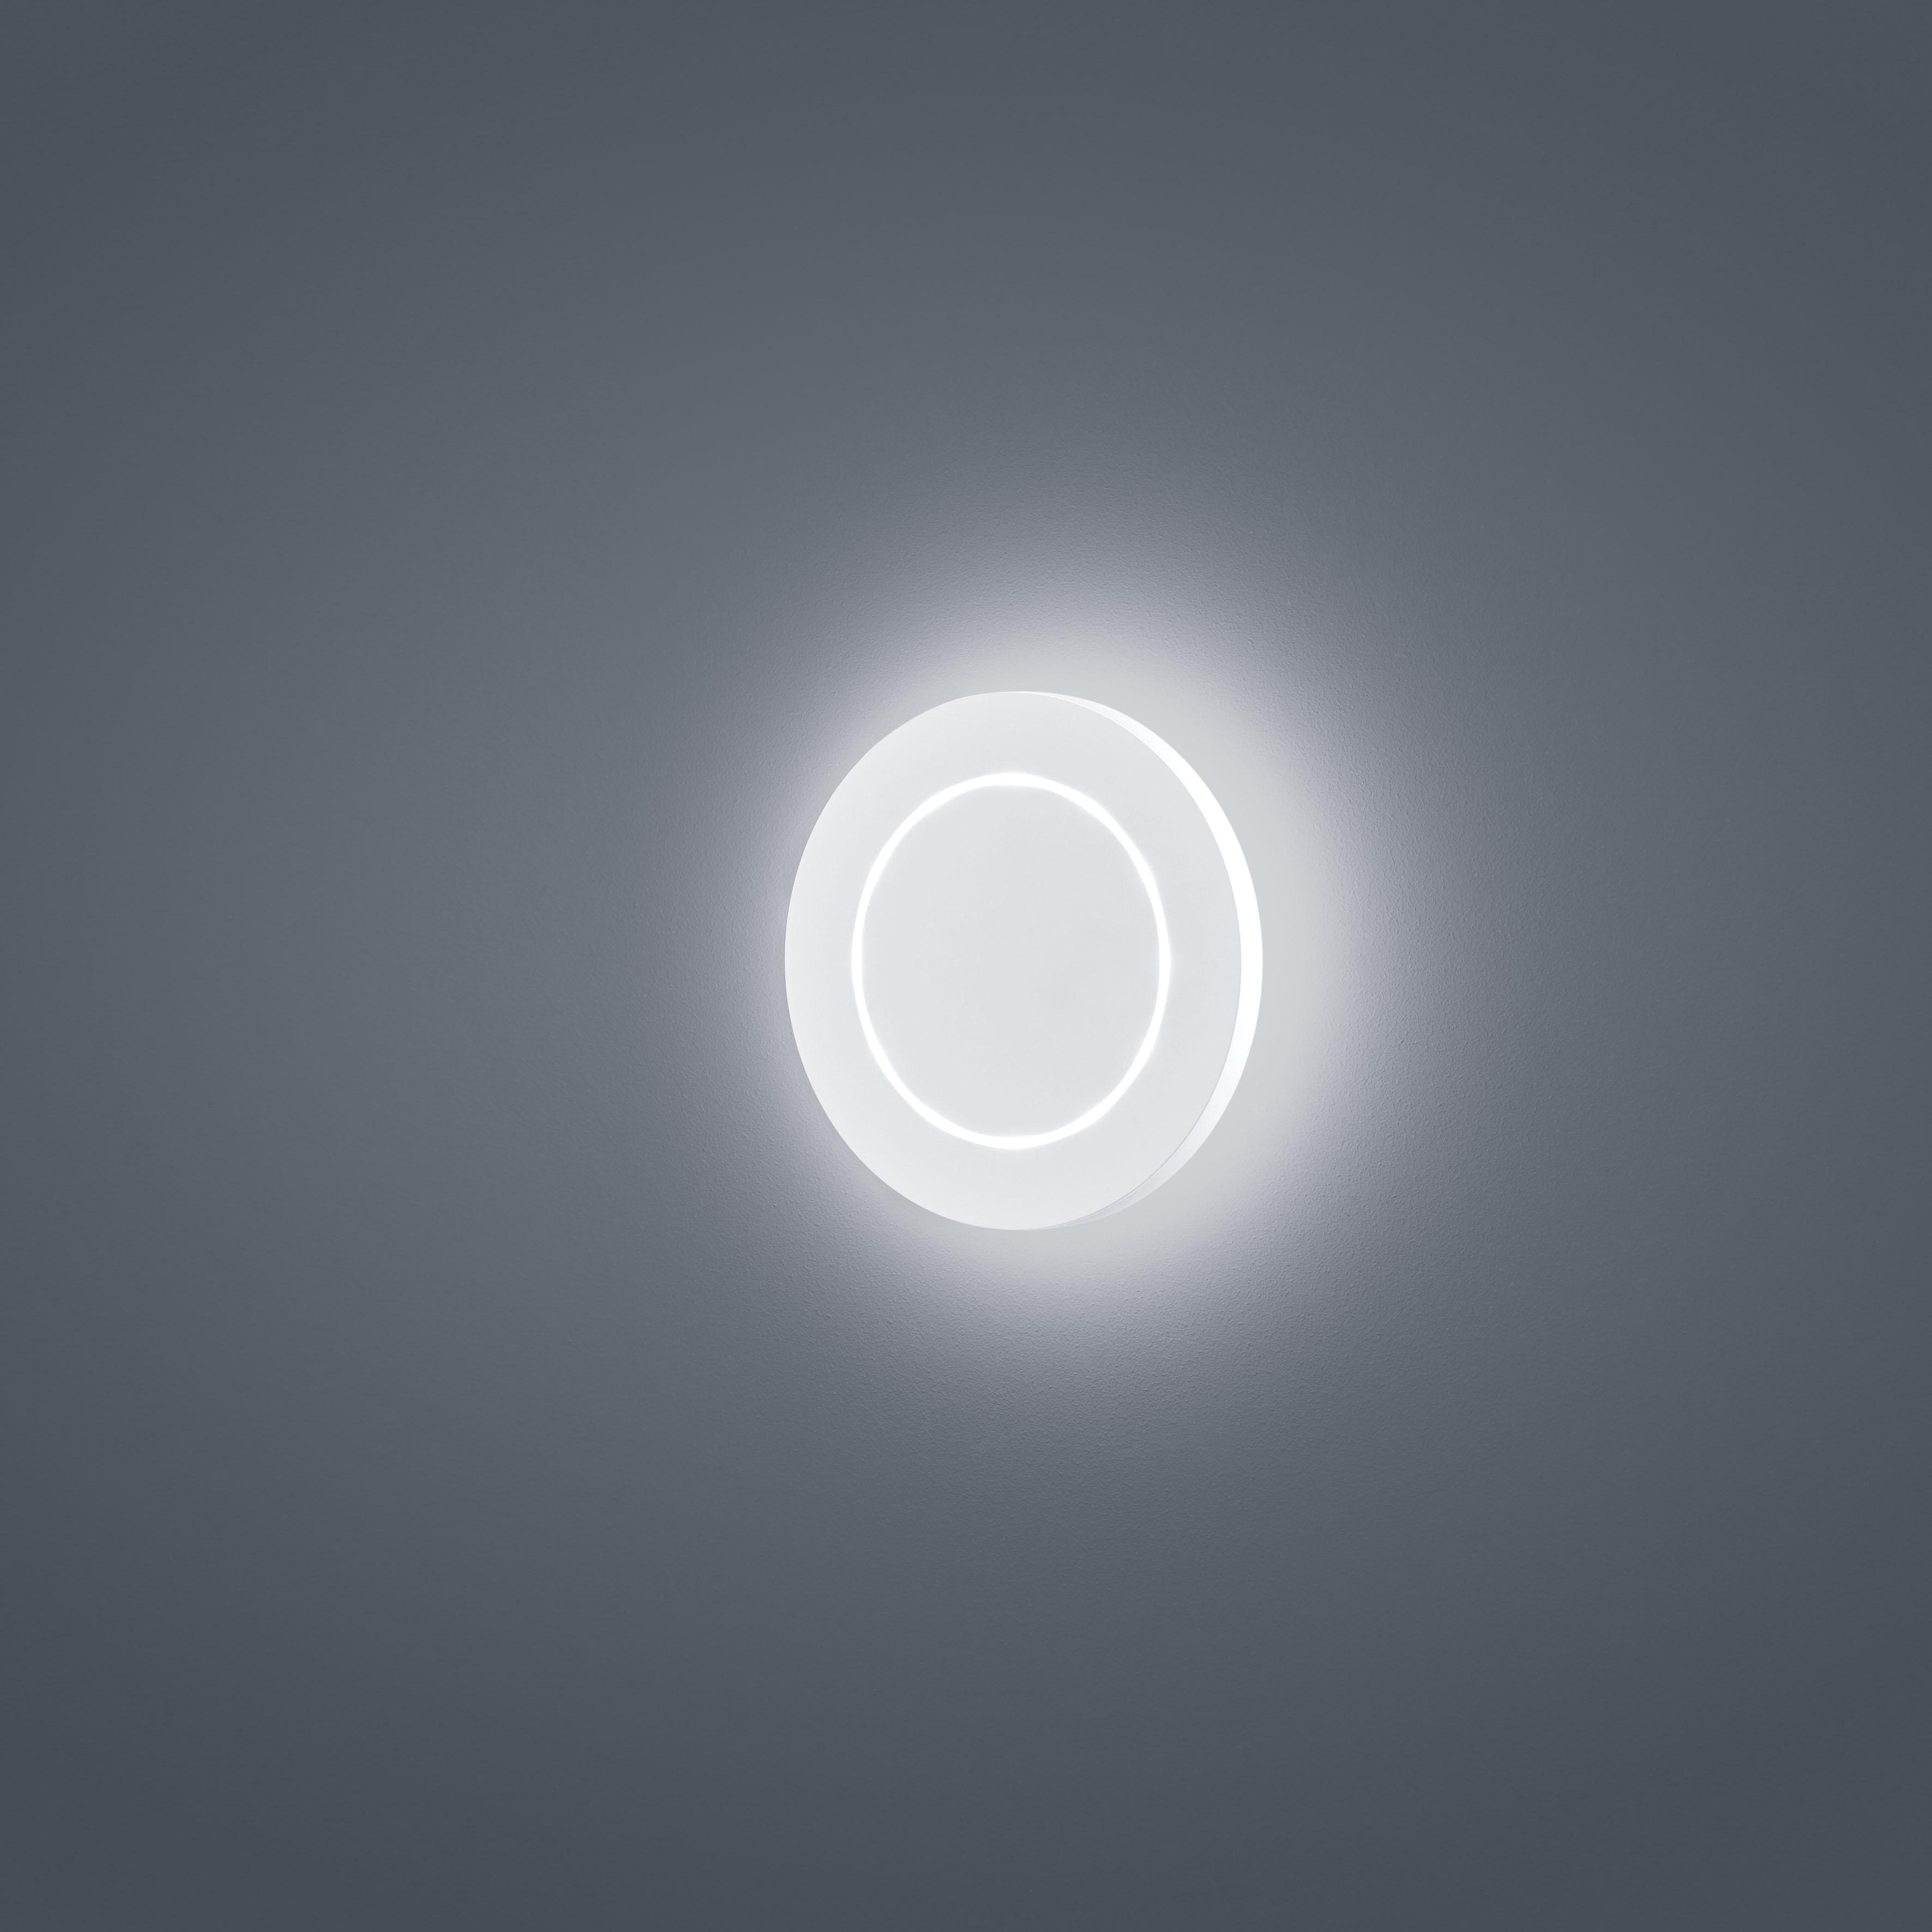 Wandleuchten von Helestra Leuchten FOGO LED - Außenleuchte Wandleuchte klein A18603.07